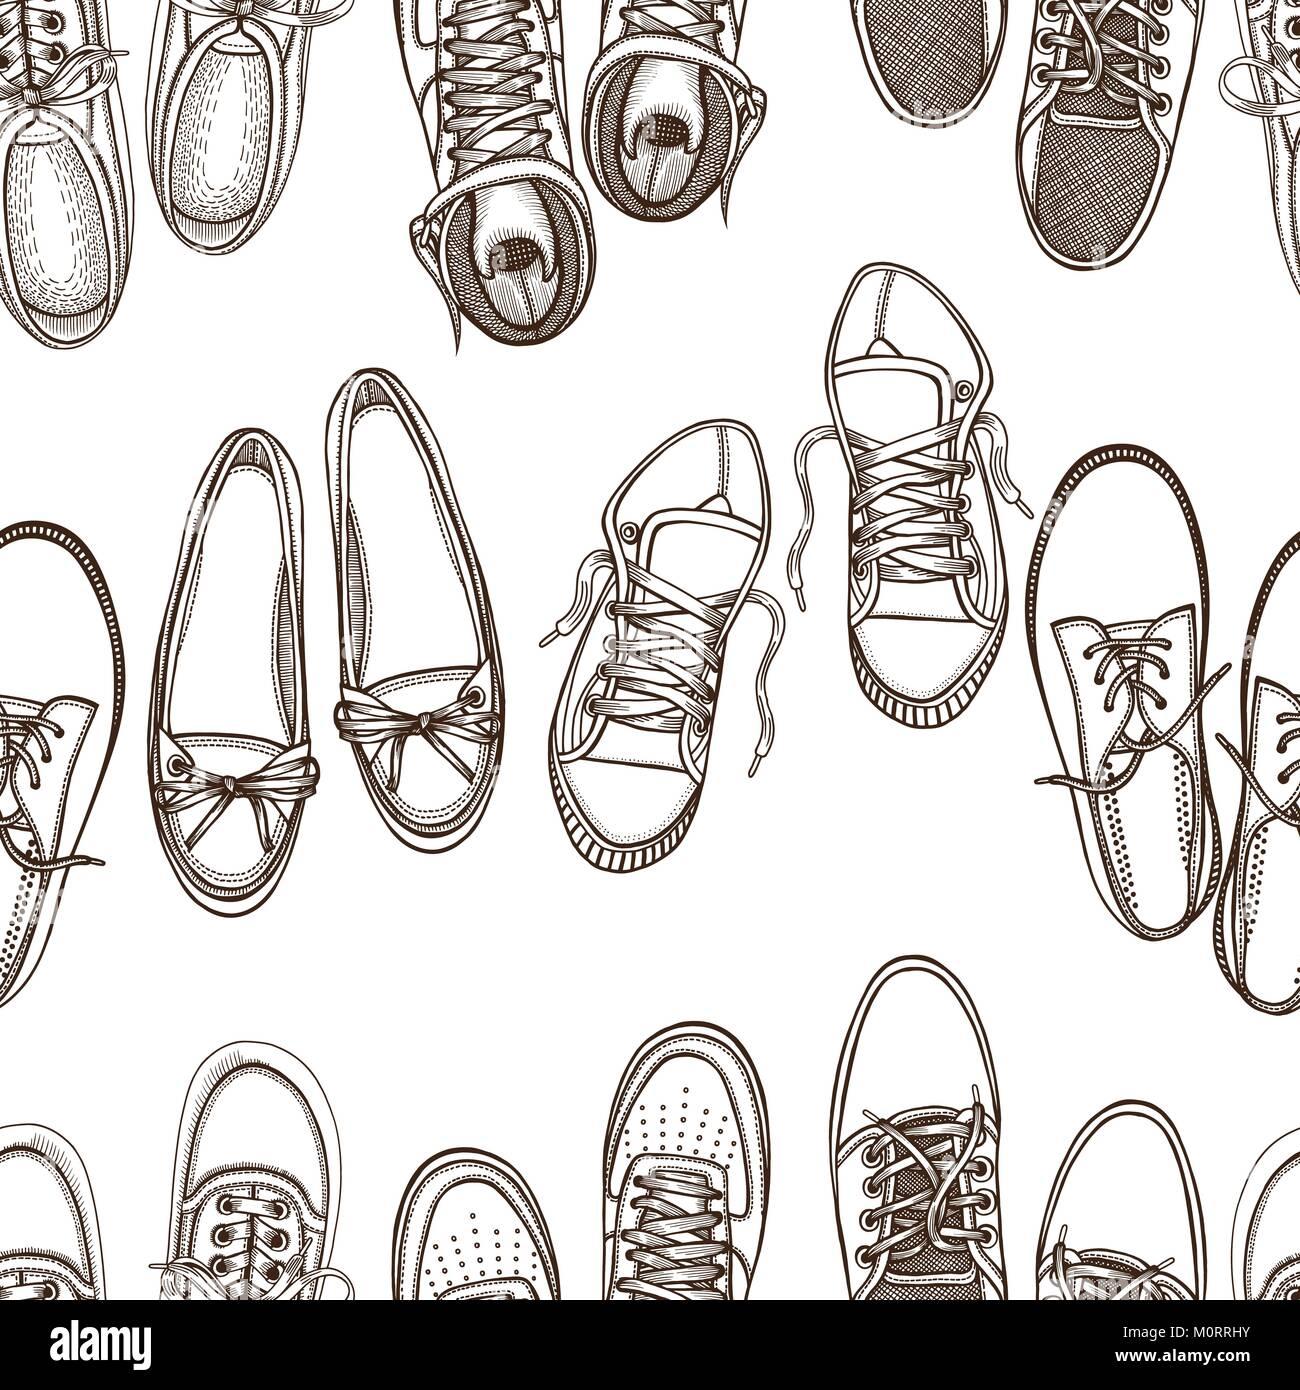 Mano Bozzetto Seamless Modello Di Scarpe Sneakers Elemento Di